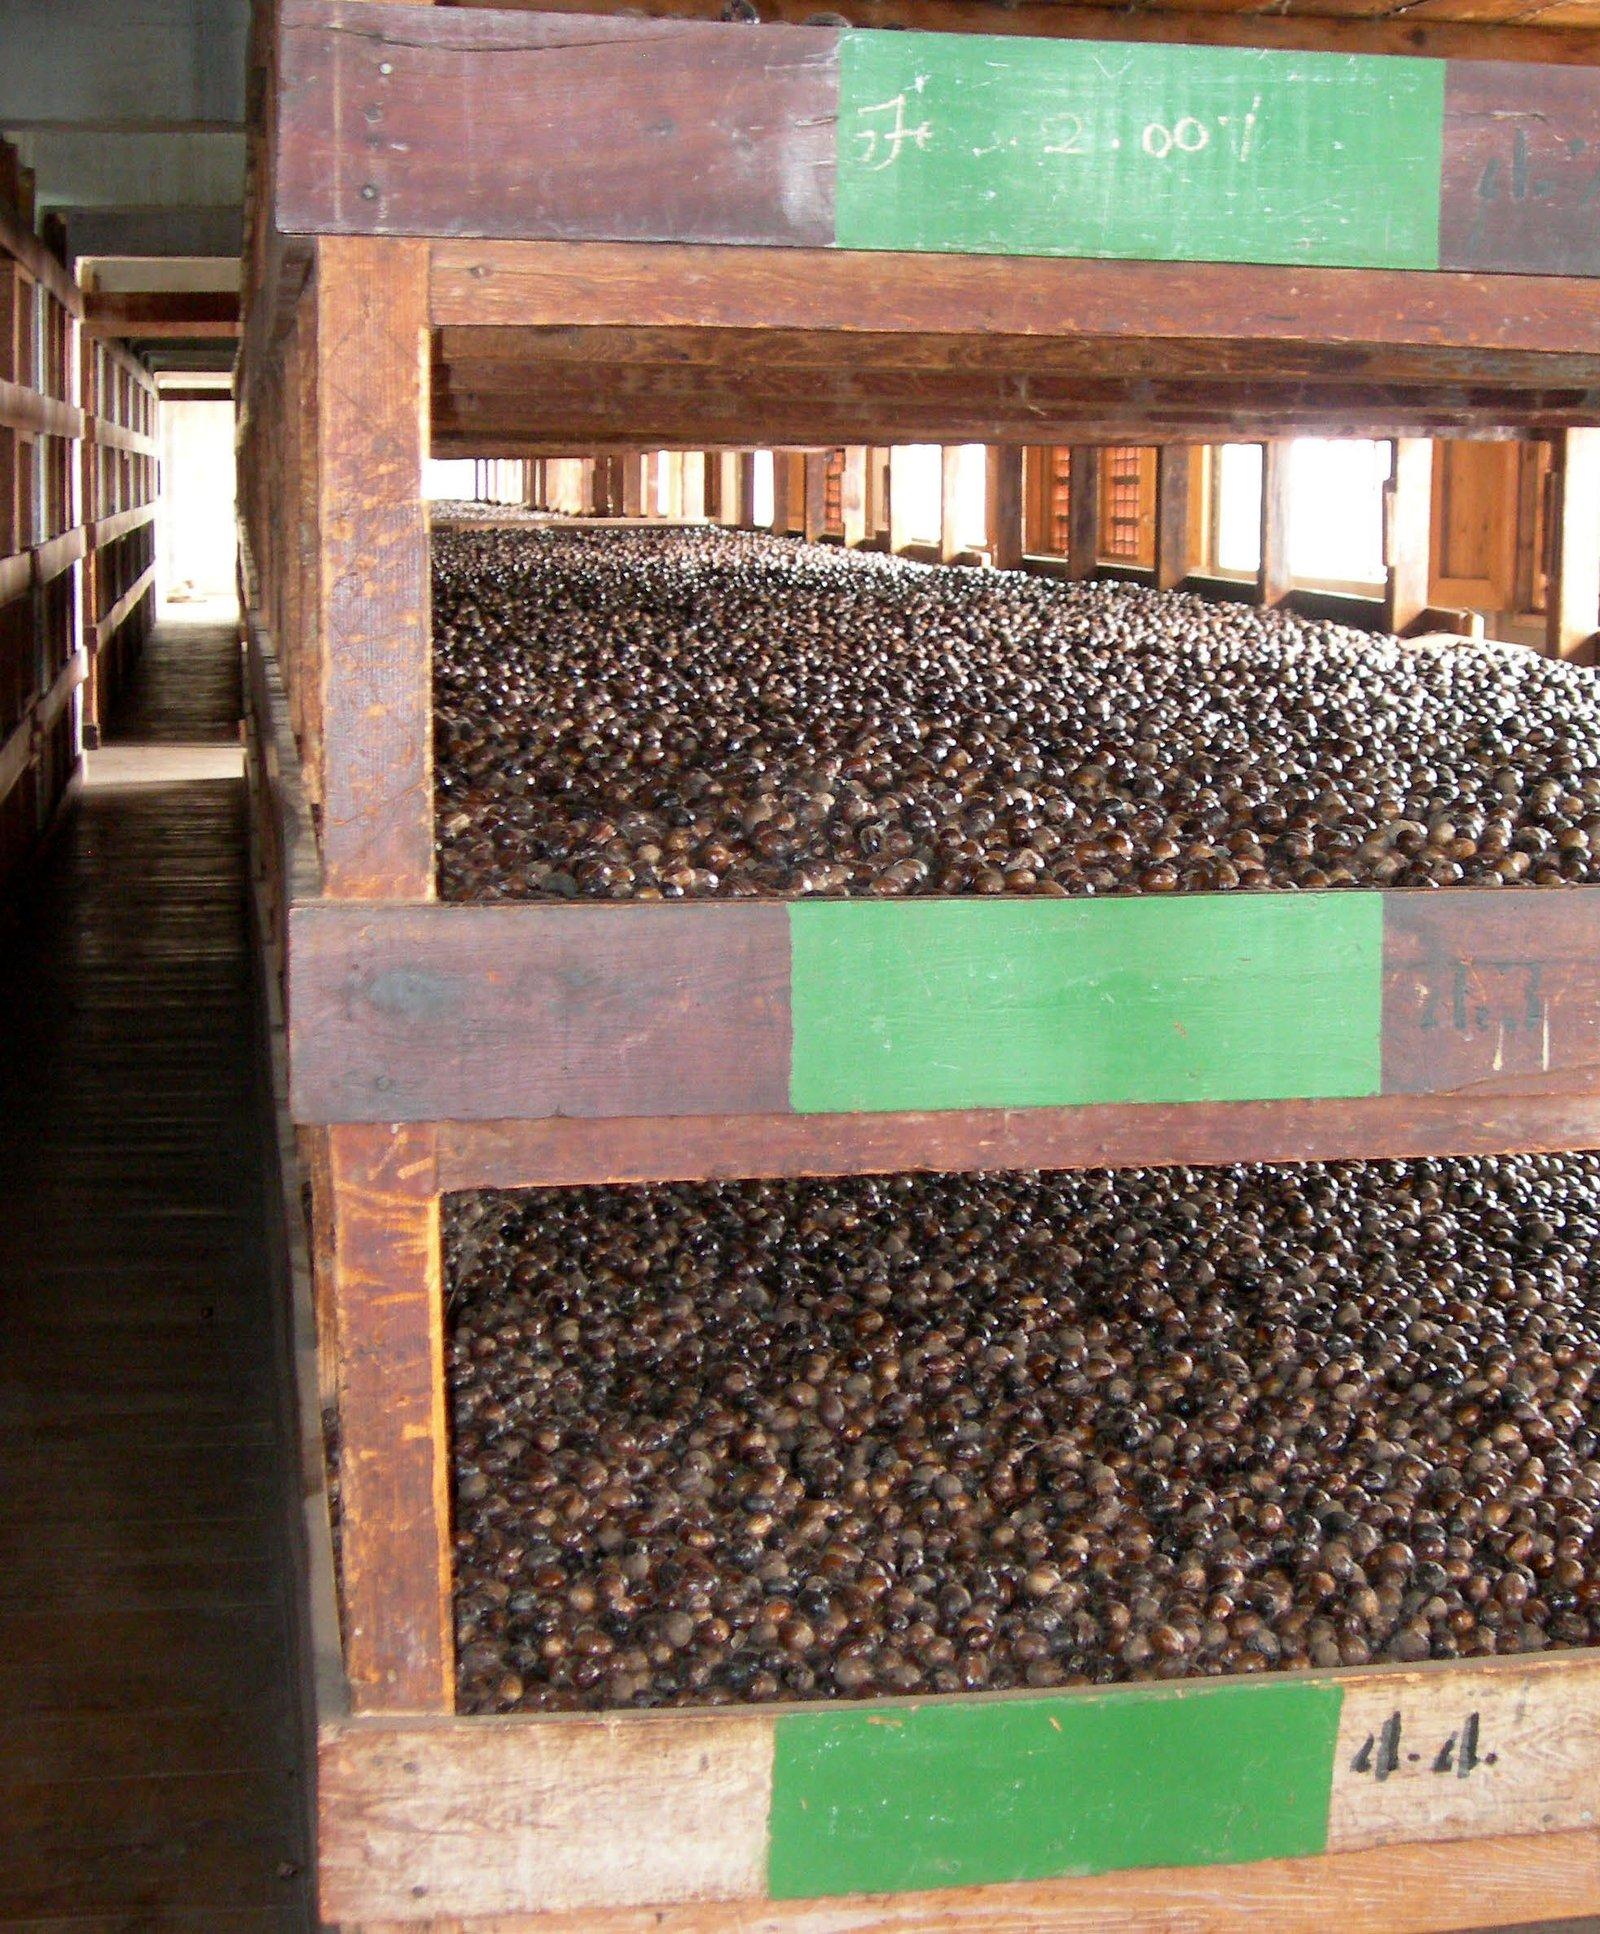 Nutmeg On Drying Racks